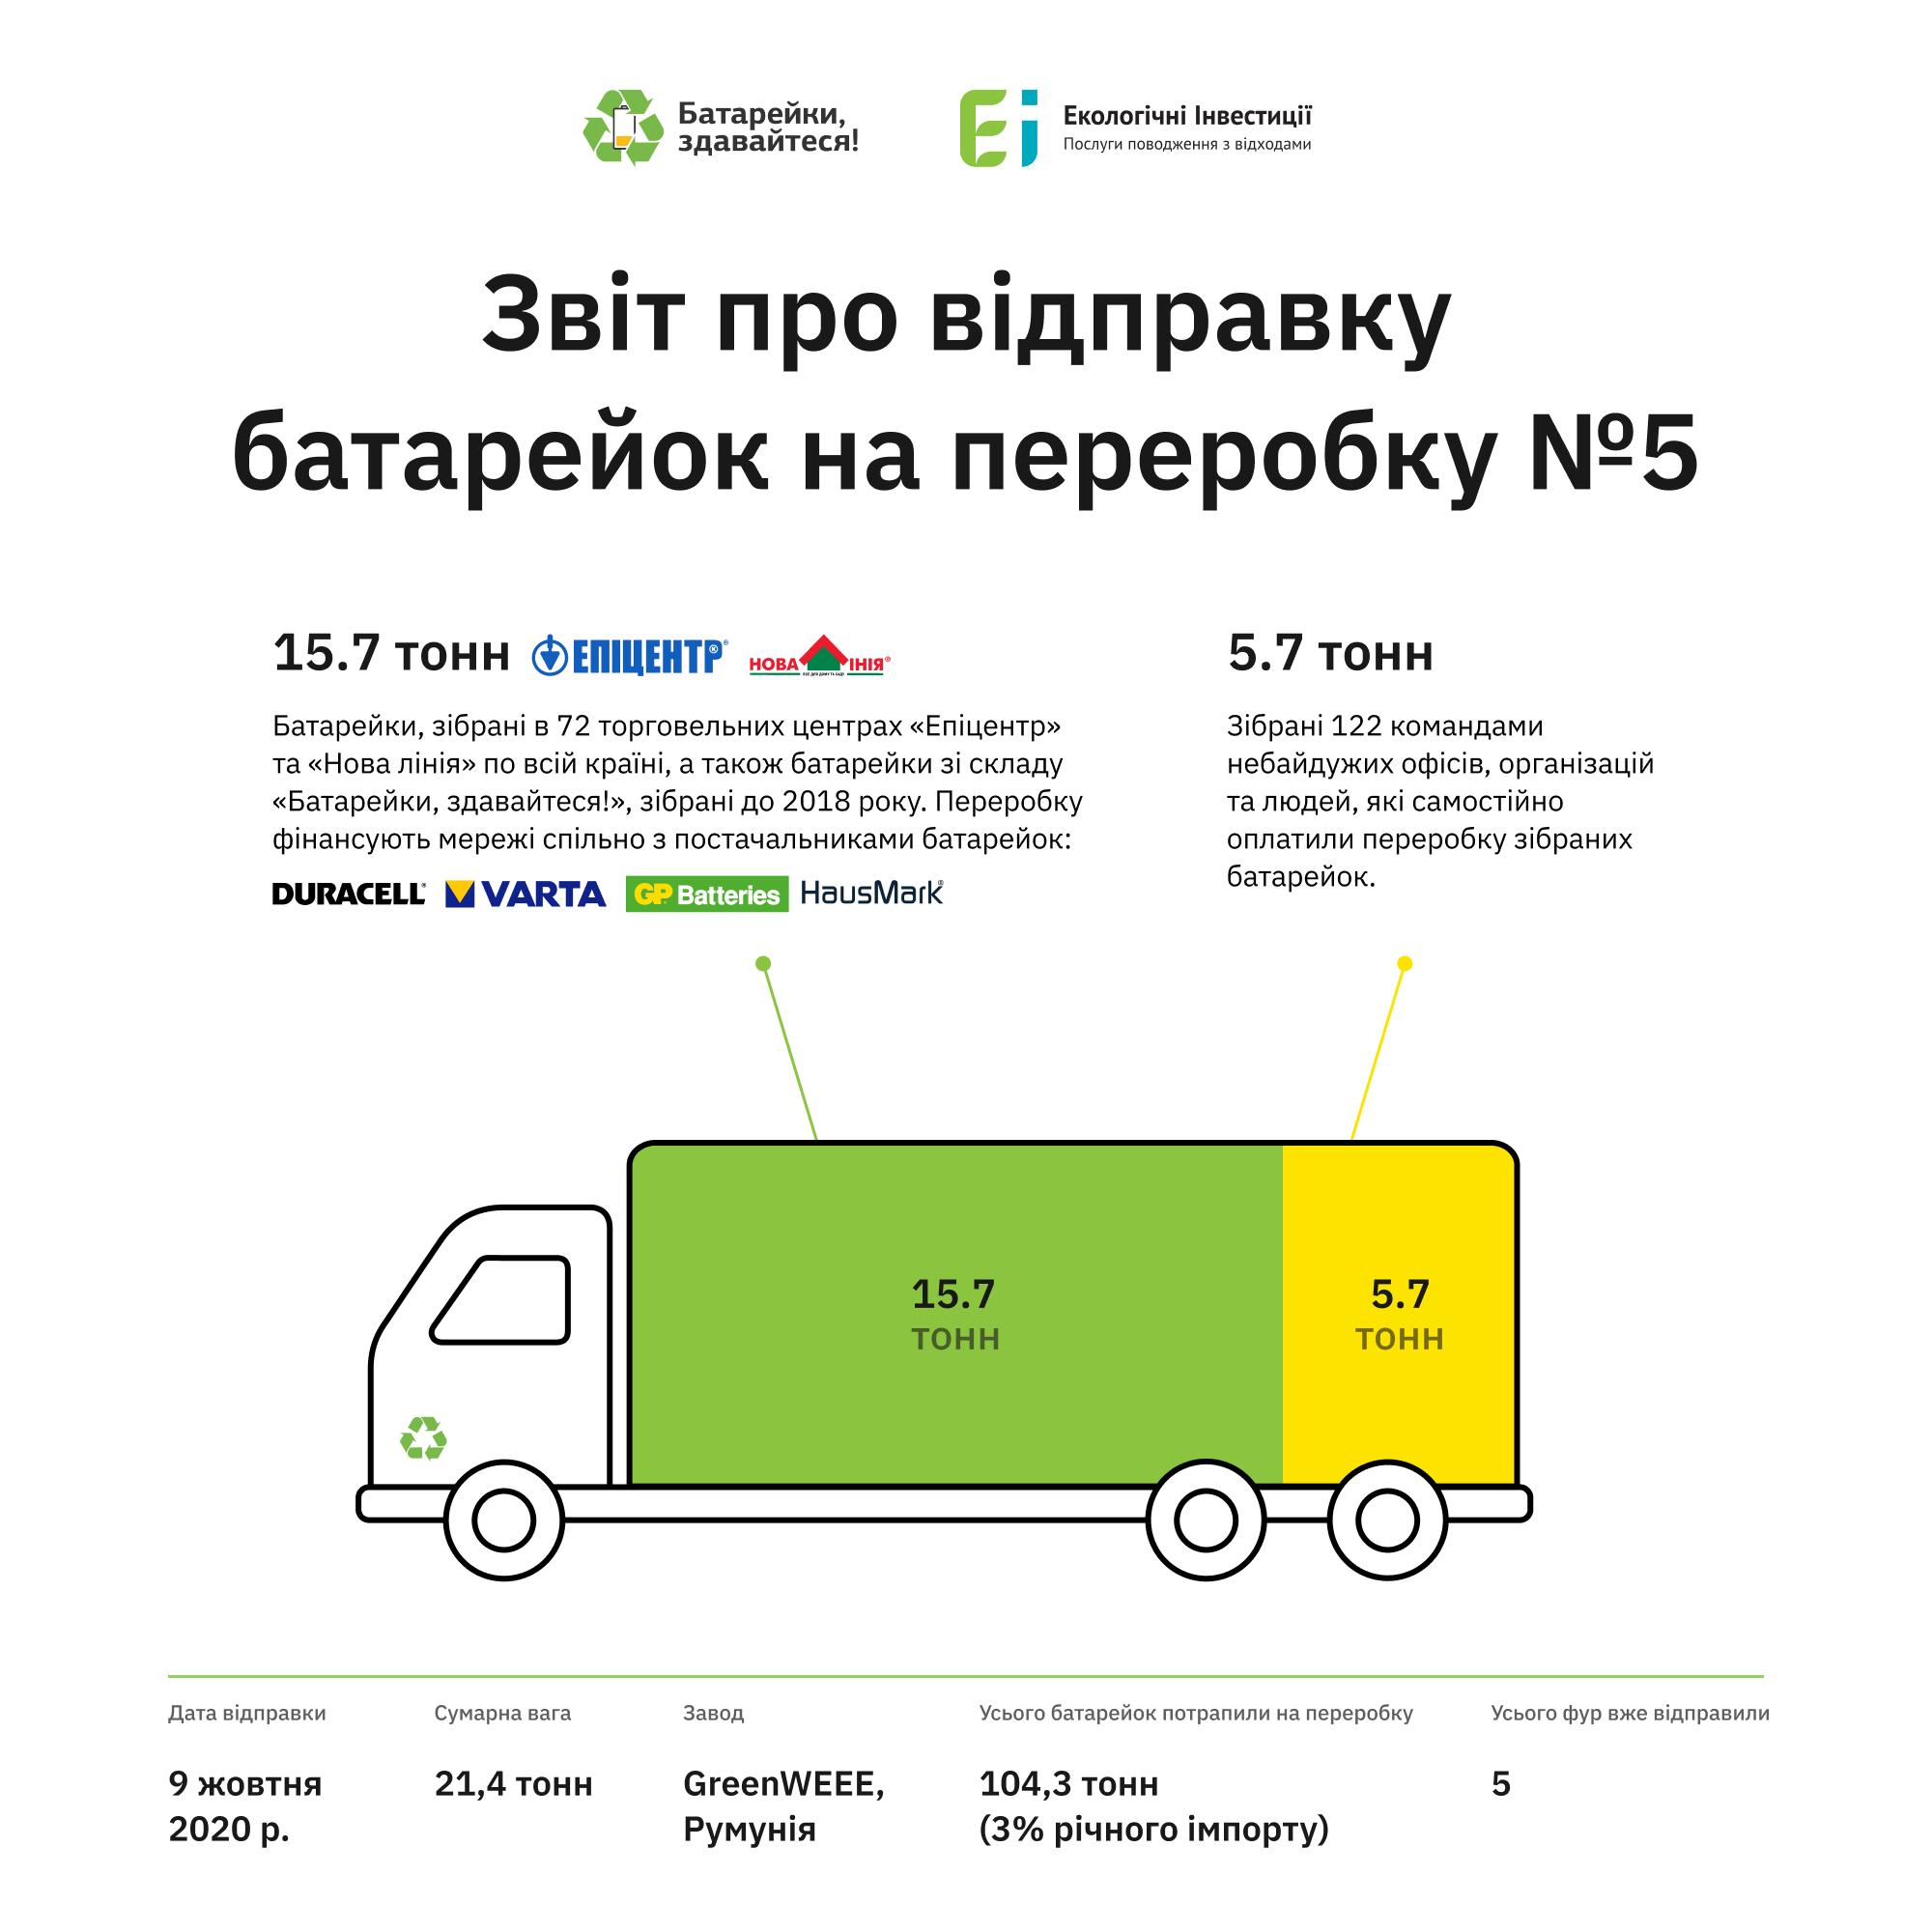 Україна відправила на переробку вже понад 100 тонн батарейок